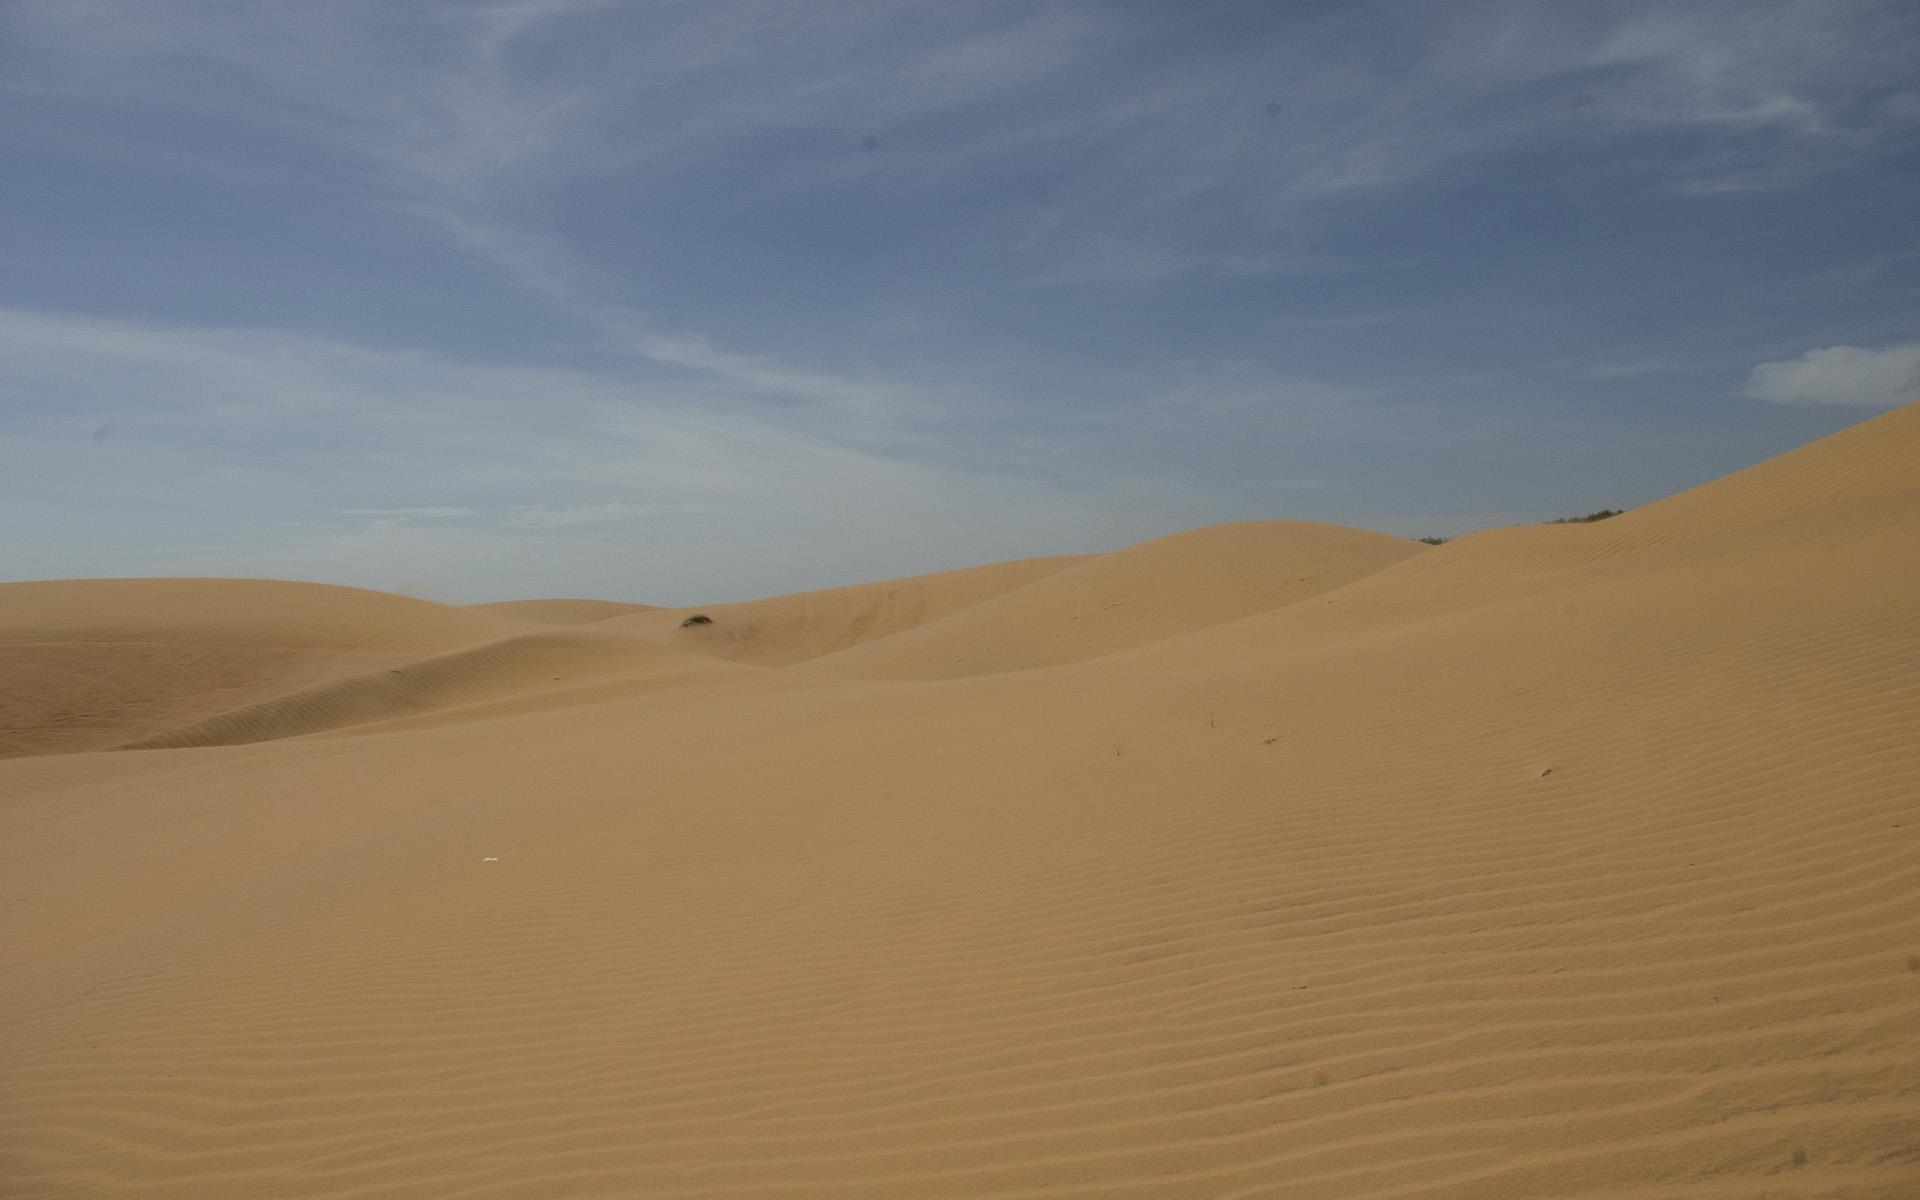 中国最大的沙漠自然风景高清宽屏桌面壁纸